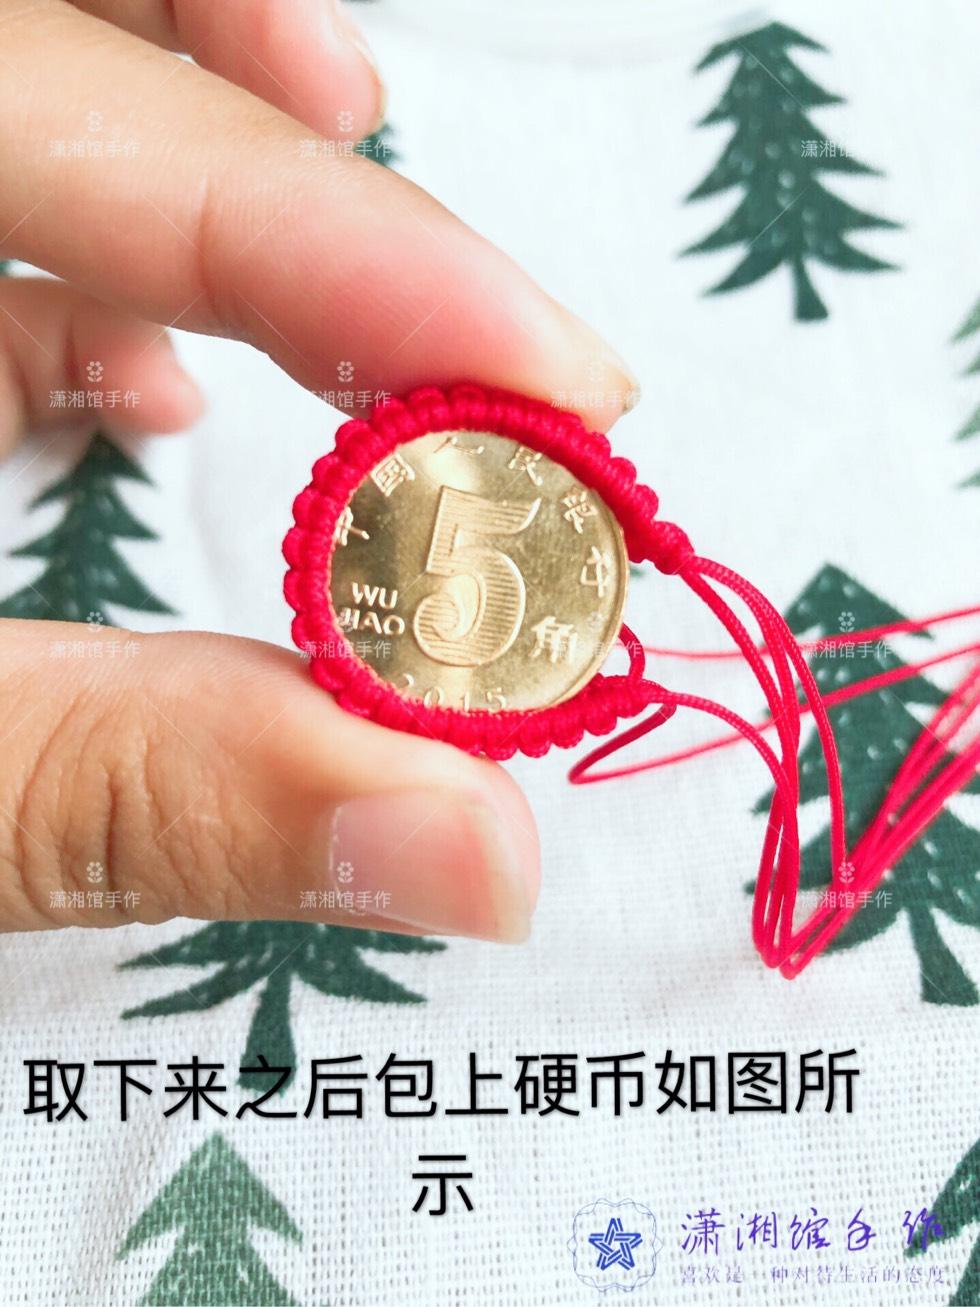 中国结论坛 硬币天使翅膀手链  图文教程区 162425c50ynxy4ssw44wwz